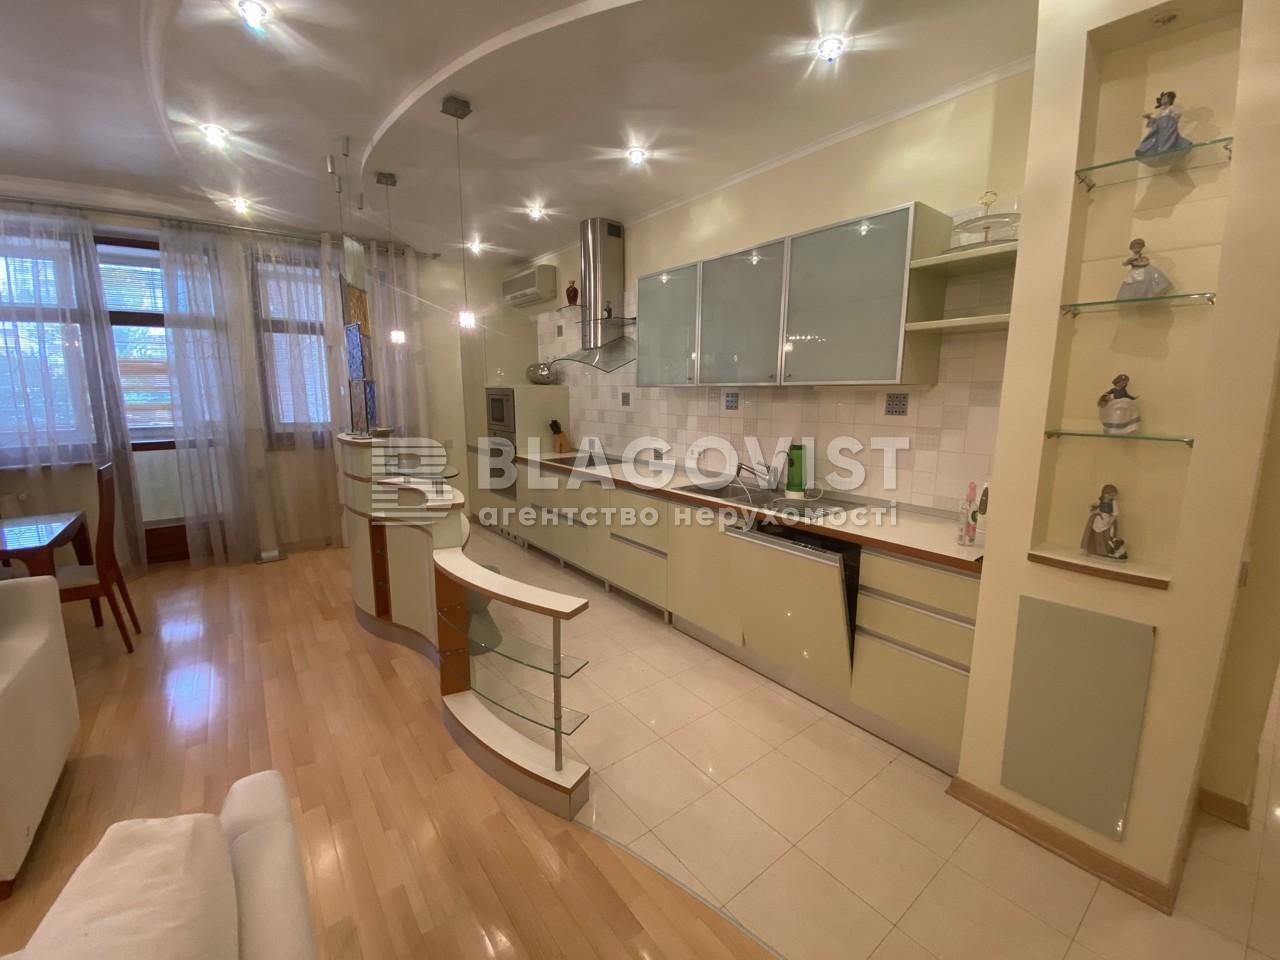 Квартира F-43840, Павловская, 18, Киев - Фото 7